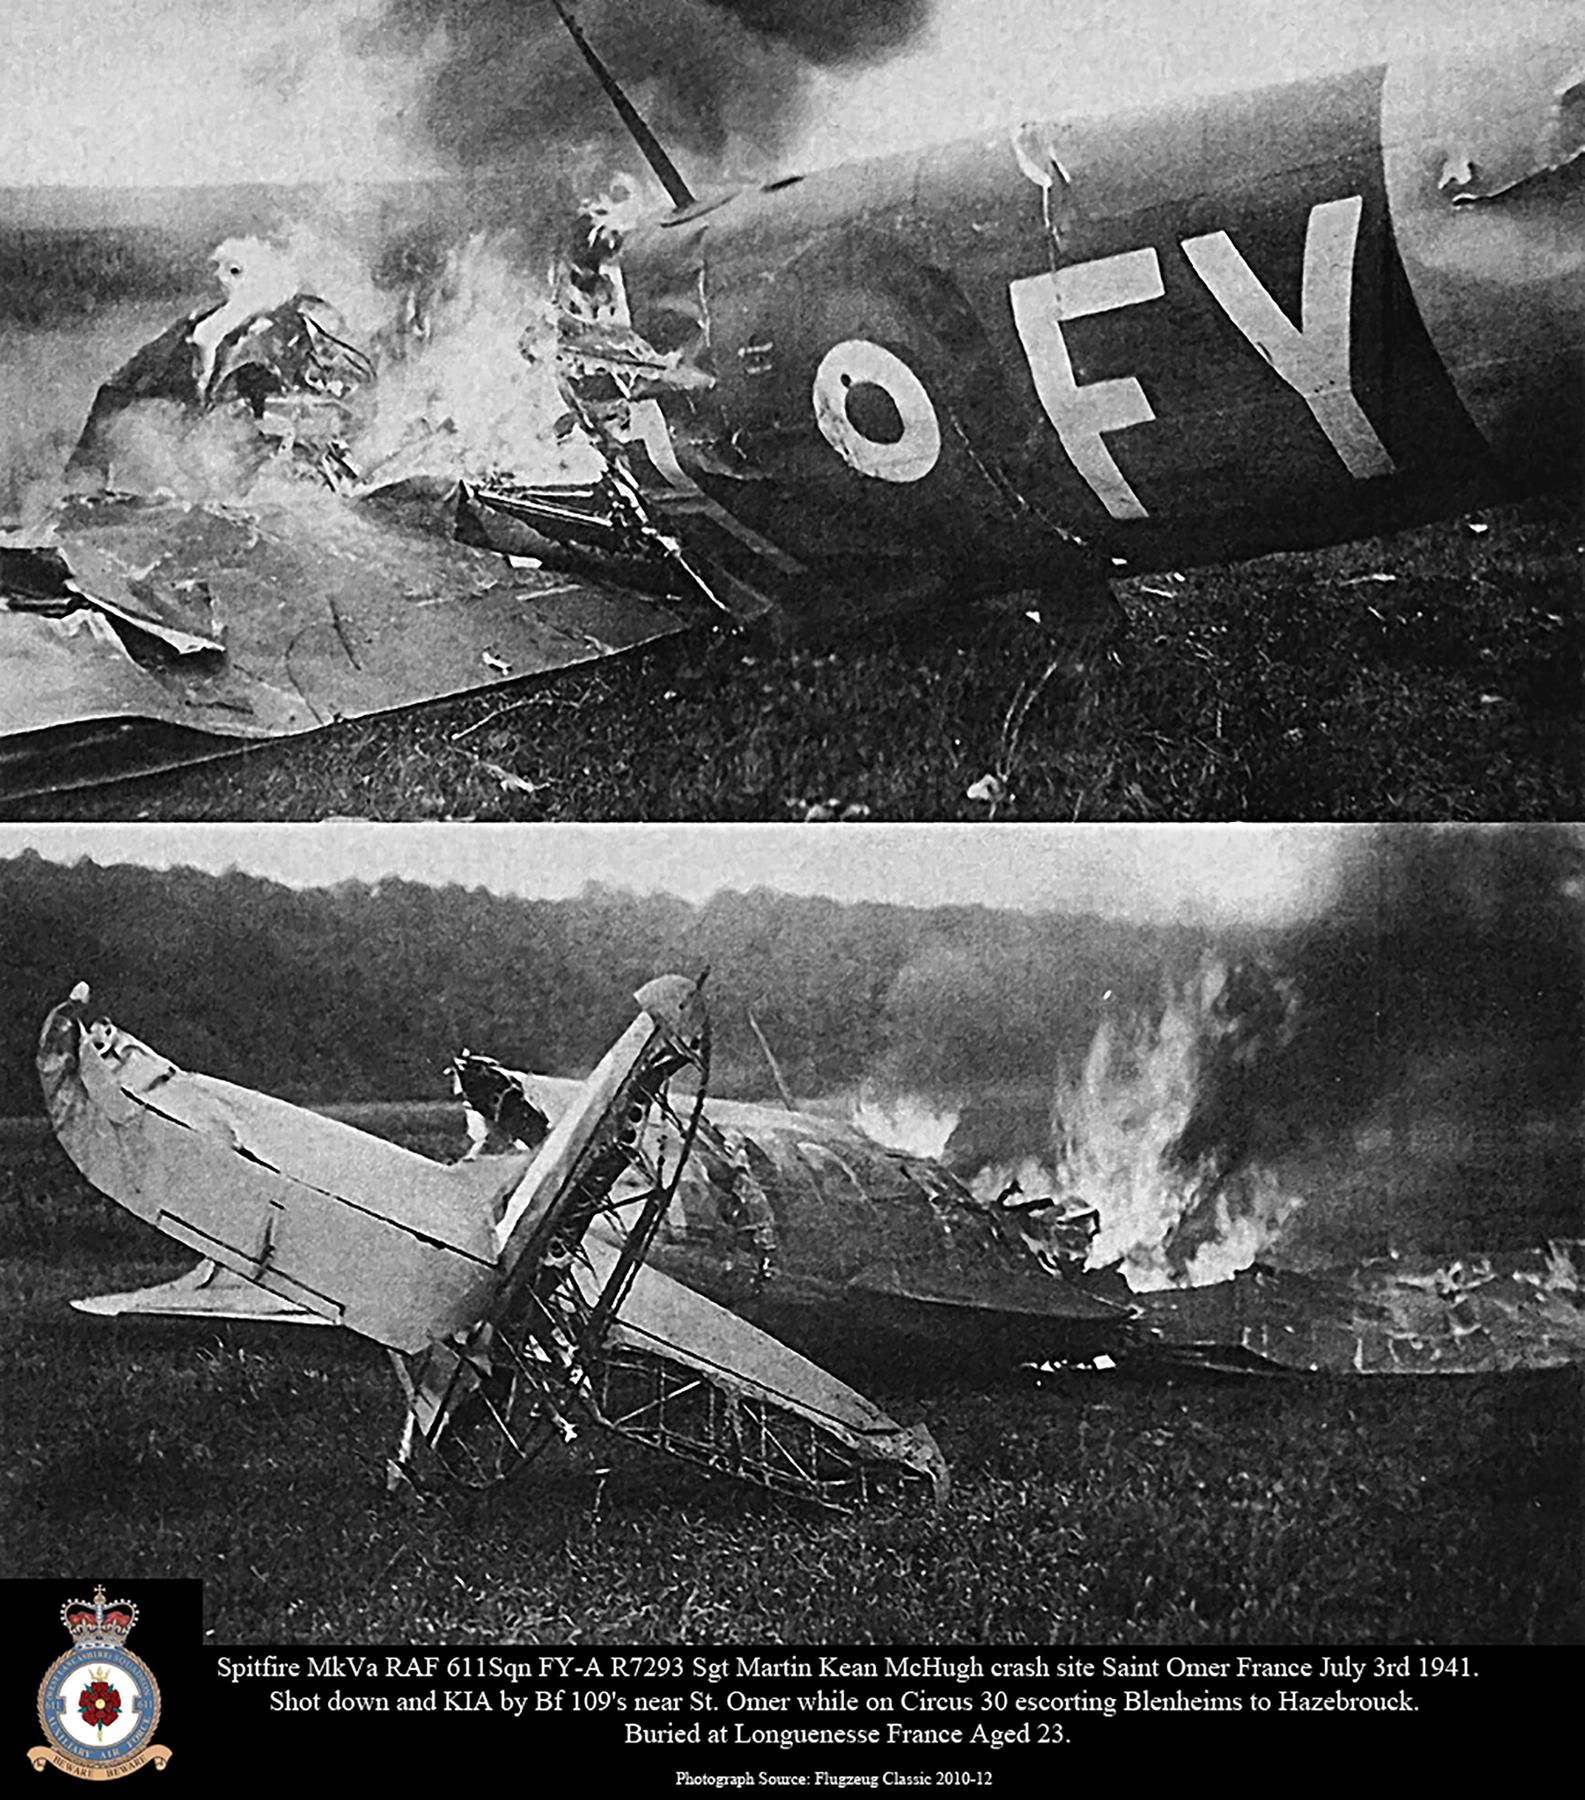 Spitfire MkVa RAF 611Sqn FYA R7293 Sgt Martin Kean McHugh crash site St Omer France July 3rd 1941